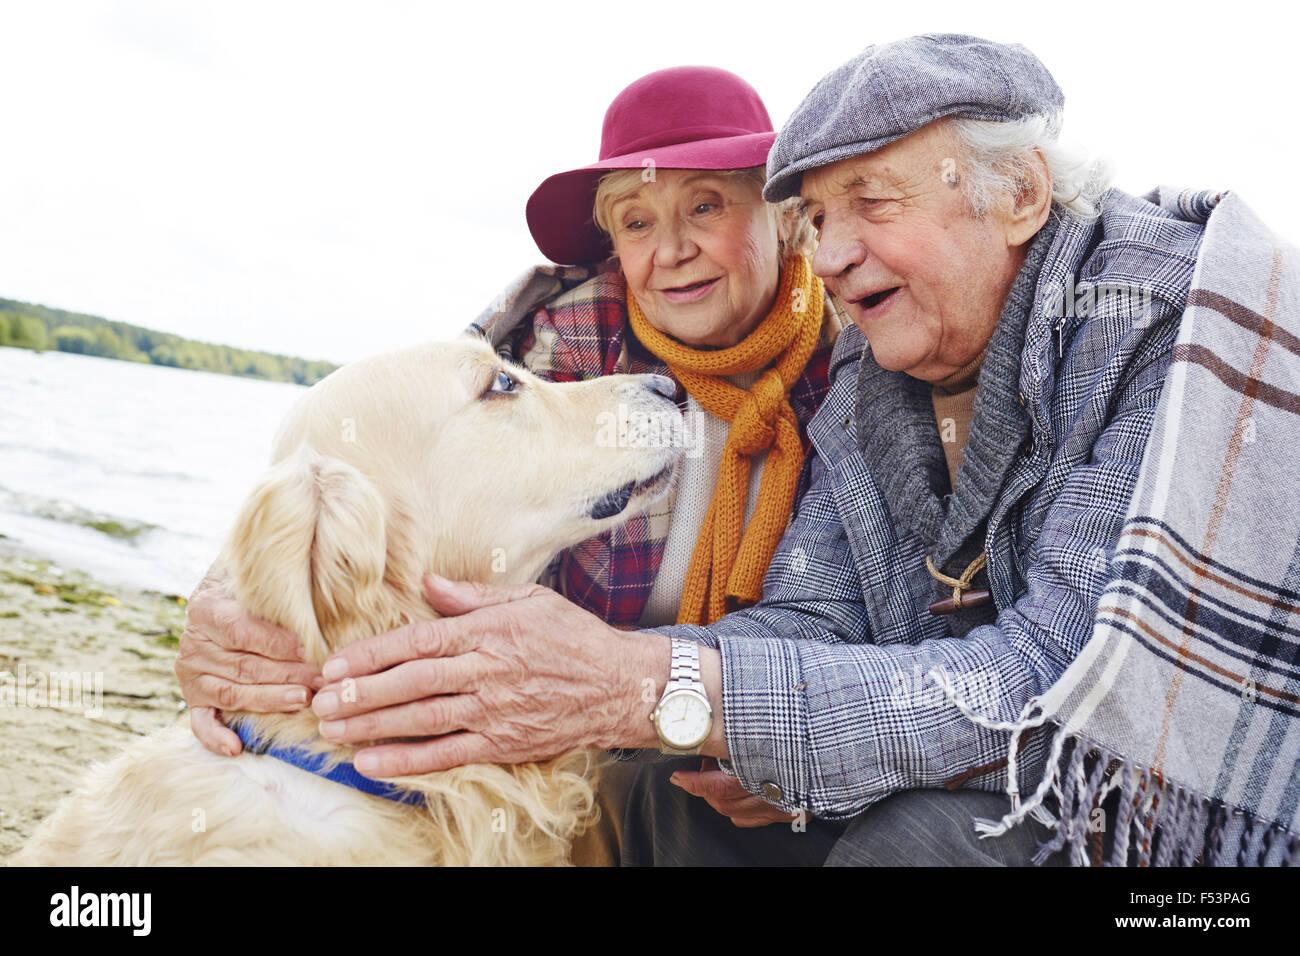 Gli anziani guardando retriever con orgoglio e amore Immagini Stock